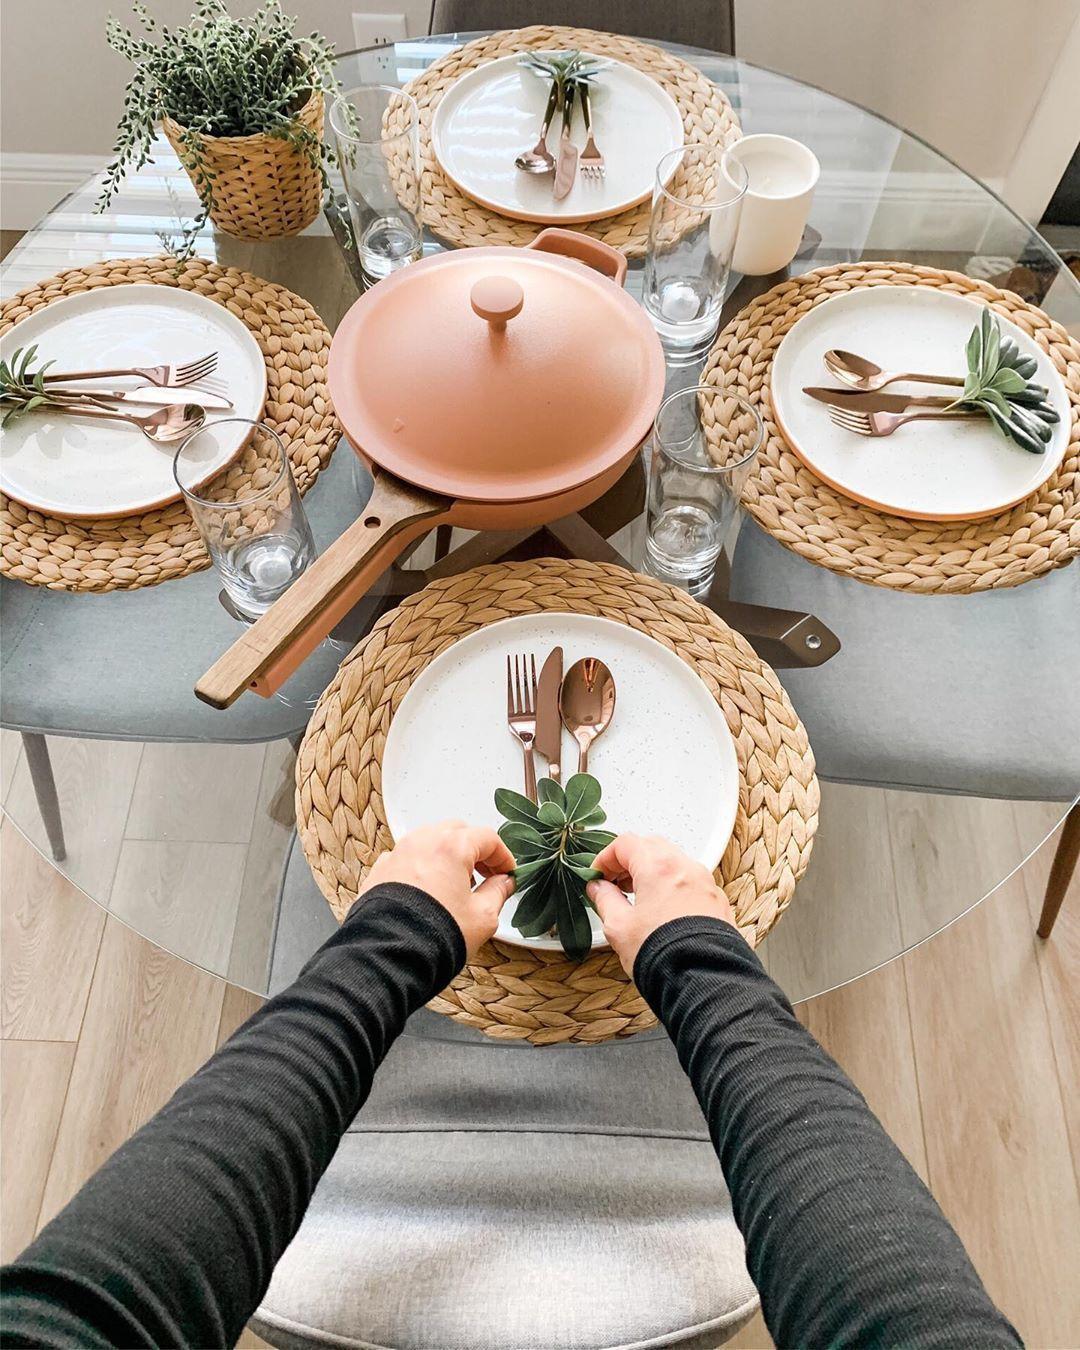 Giada Woven Placemat Unwindin Home Decor Design Woven Placemats Decor Home Decor